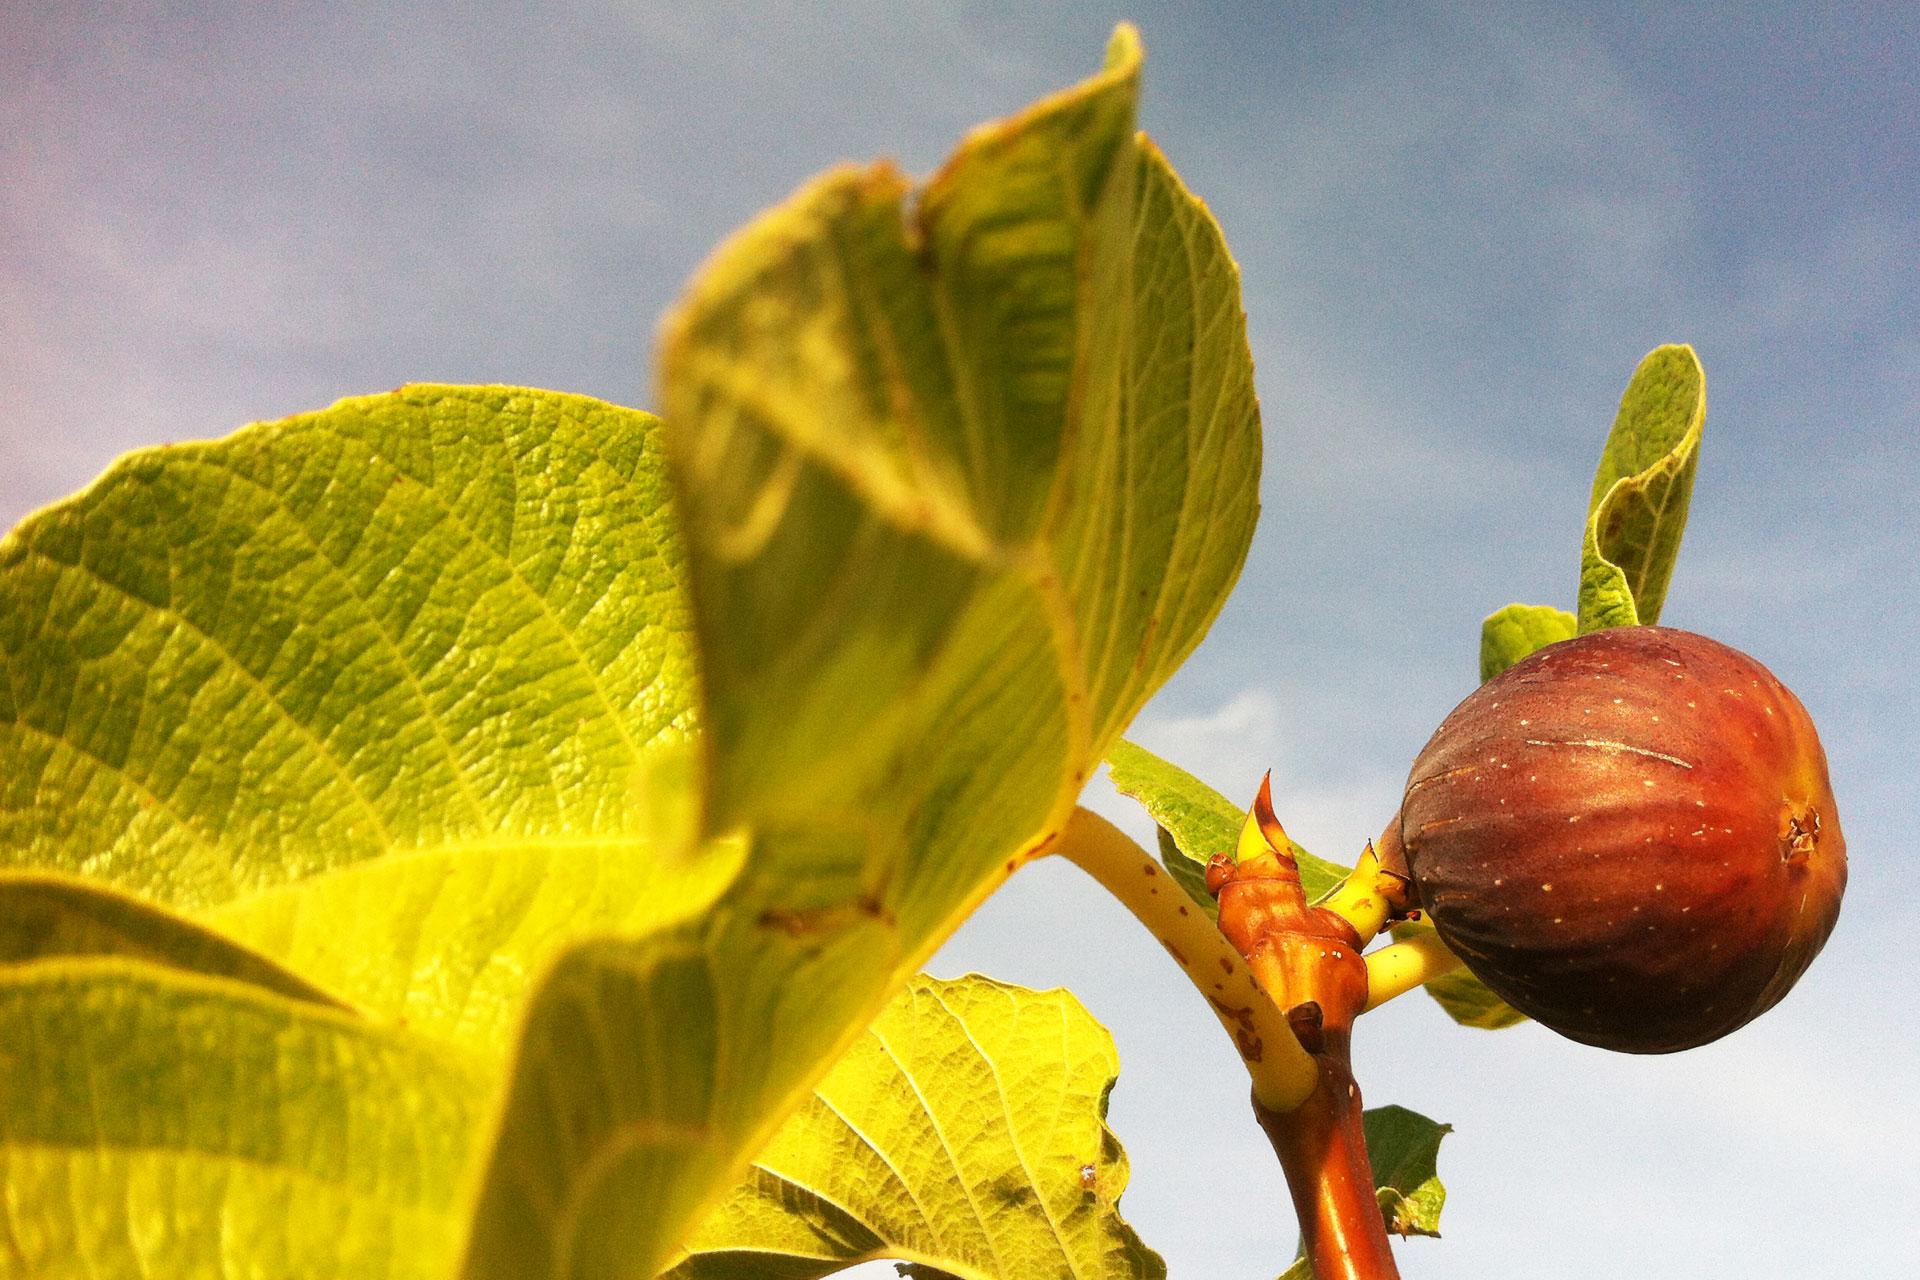 Collezione Ficus carica - Rosso striato - I giardini di Pomona - Cisternino